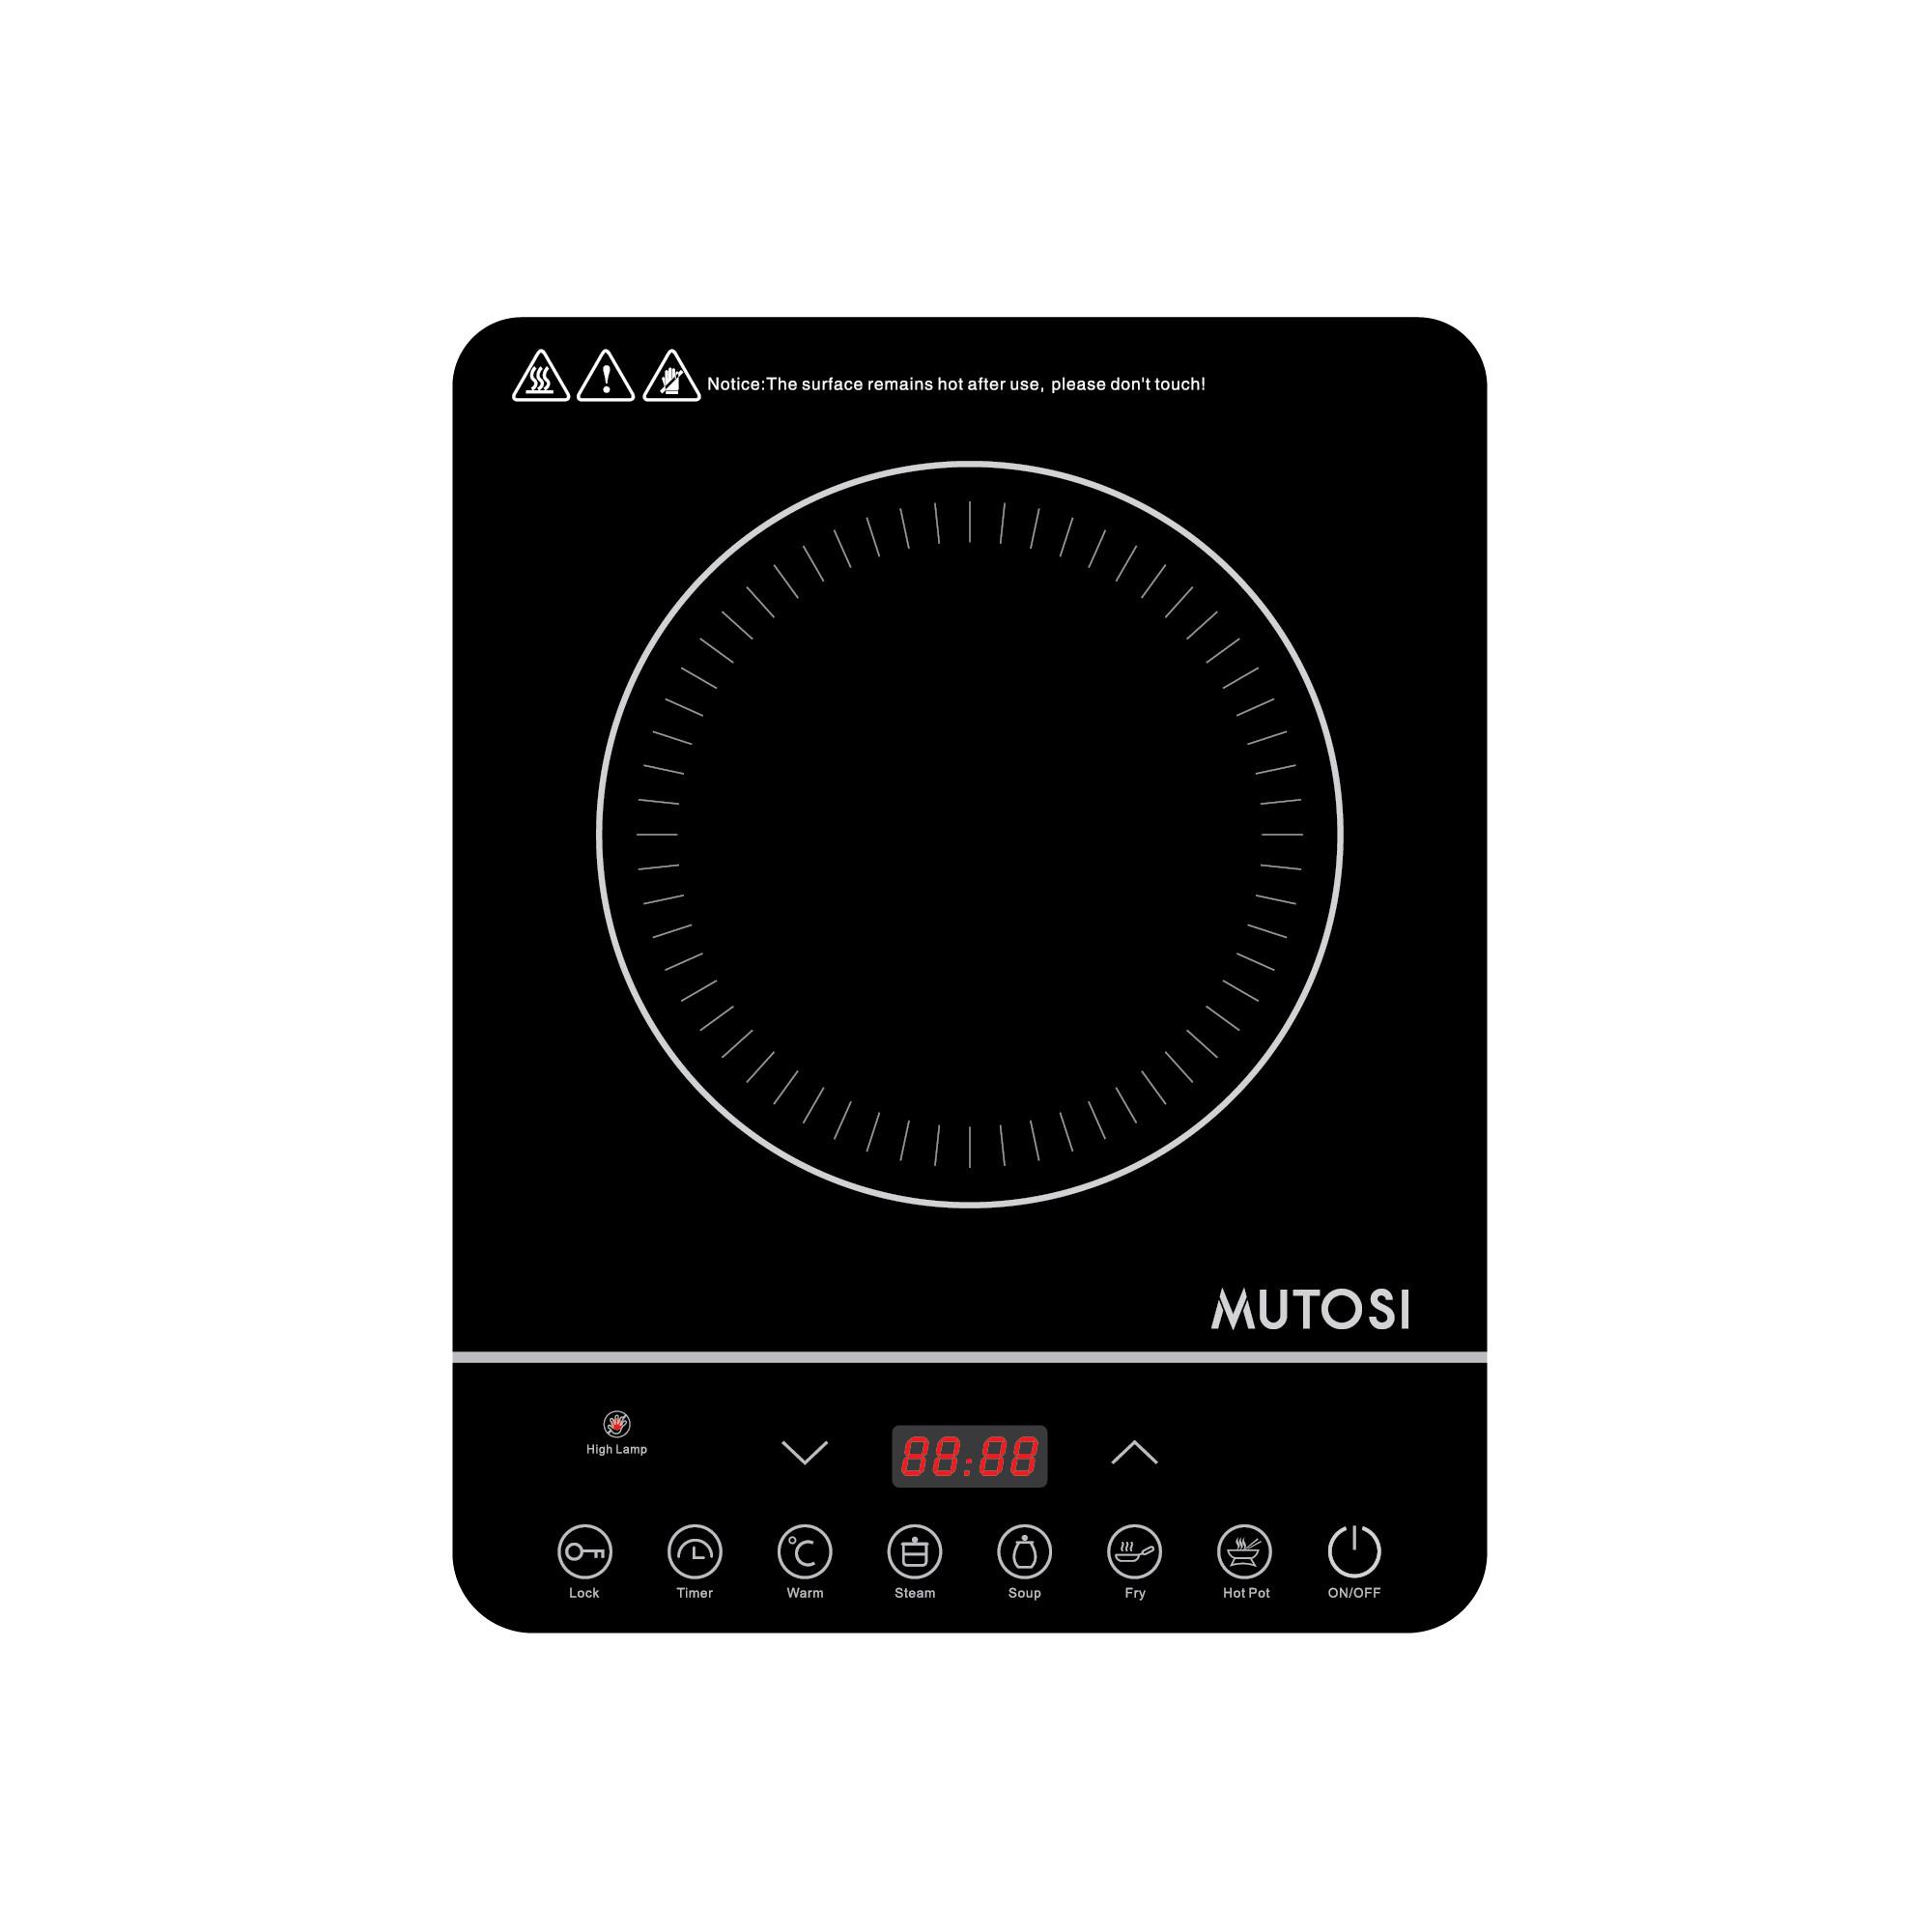 Bếp điện từ đơn Mutosi MI-58 (Đen) - Công suất đạt 2000W - Hàng chính hãng